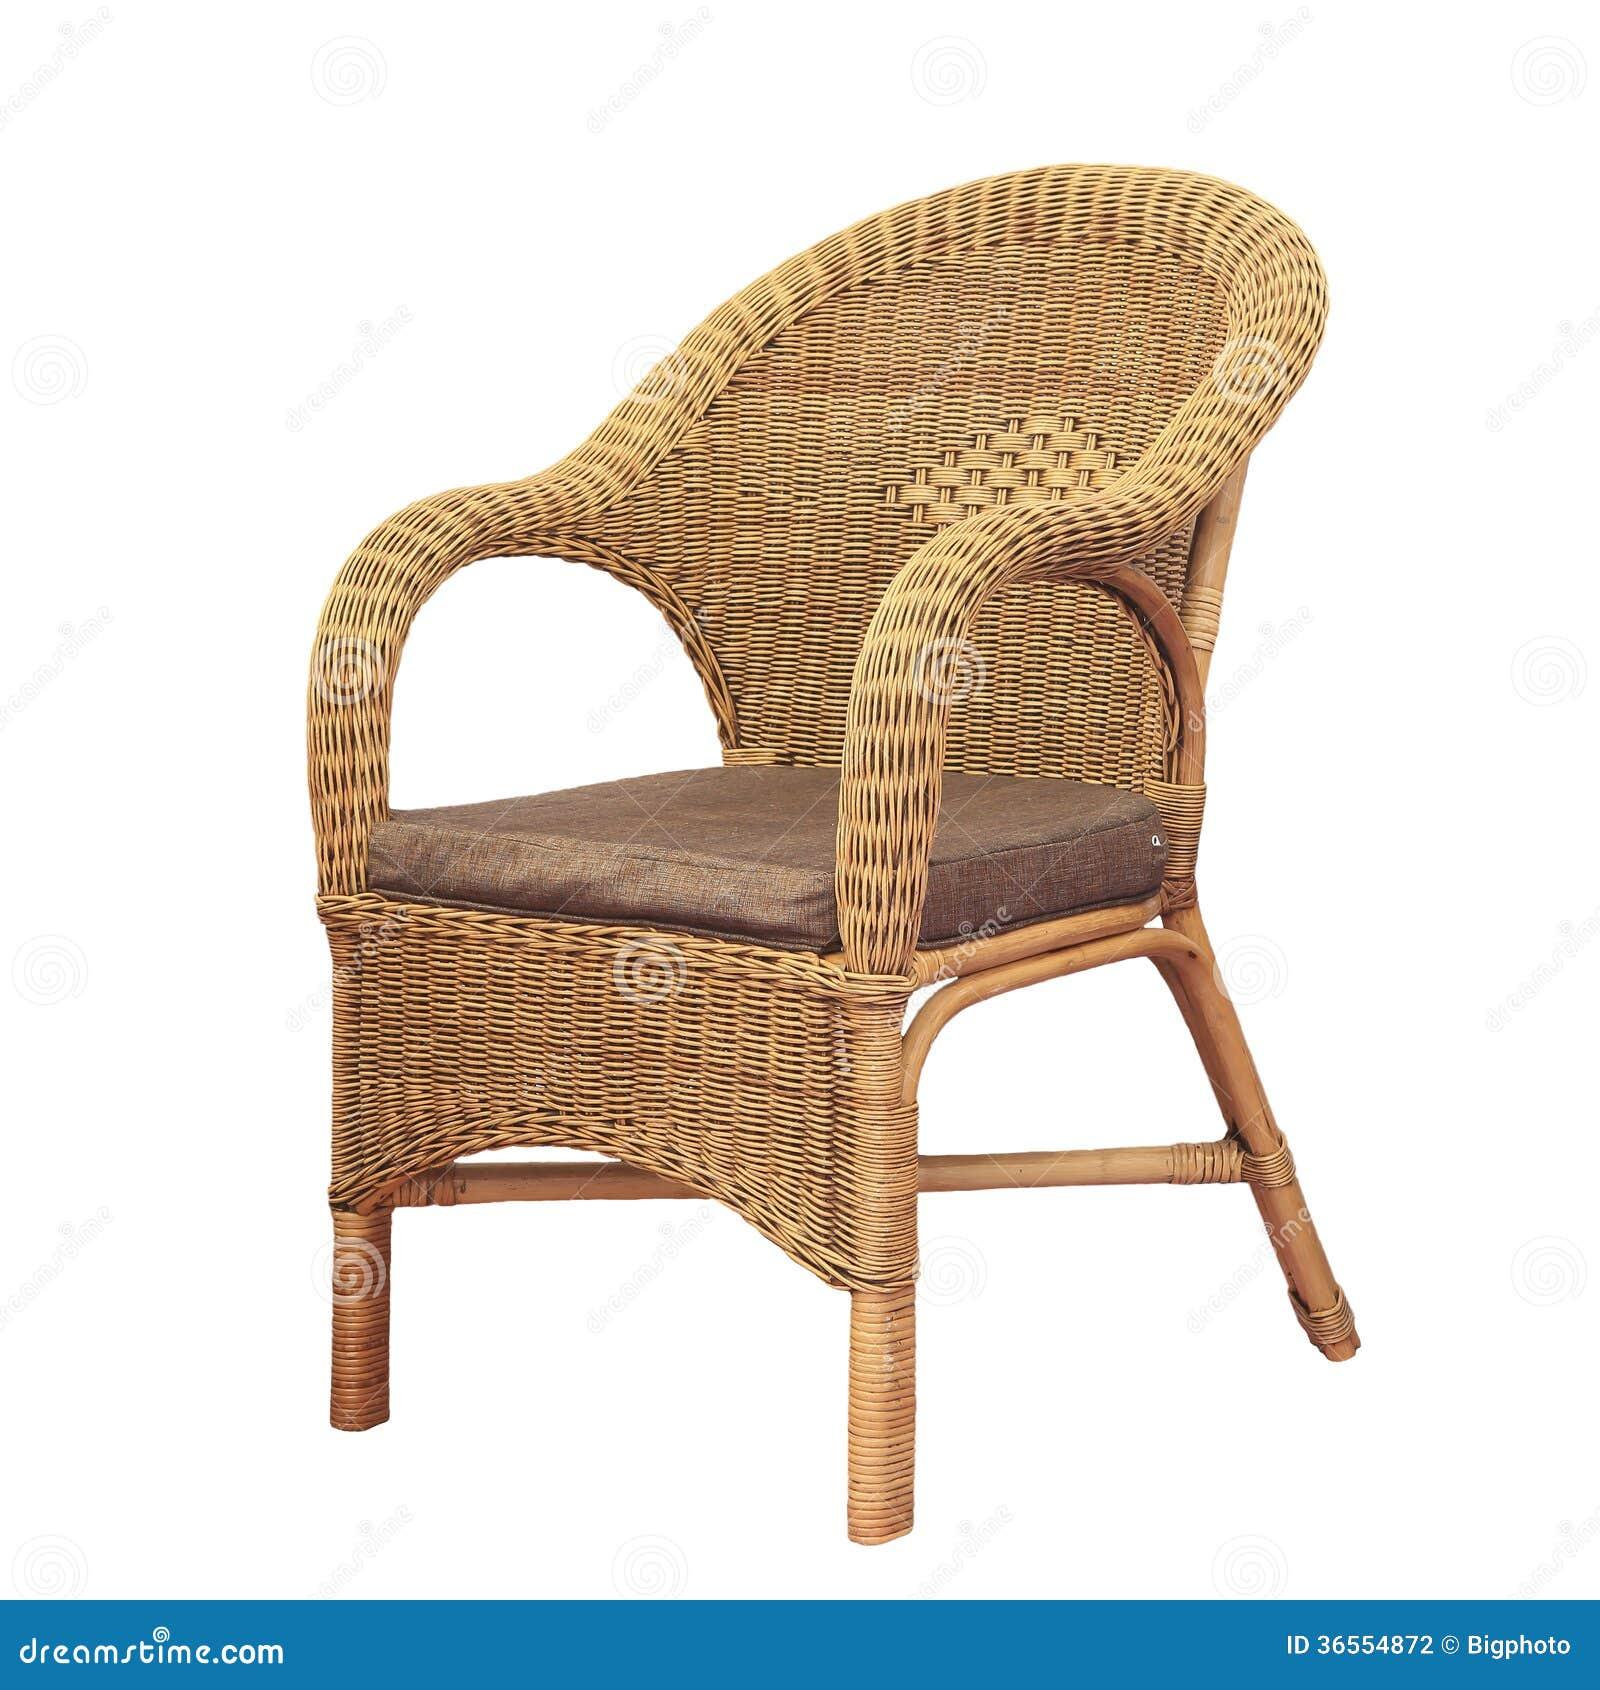 aus weiden geflochtener bequemer stuhl lokalisiert auf wei em hintergrund stockfotografie bild. Black Bedroom Furniture Sets. Home Design Ideas